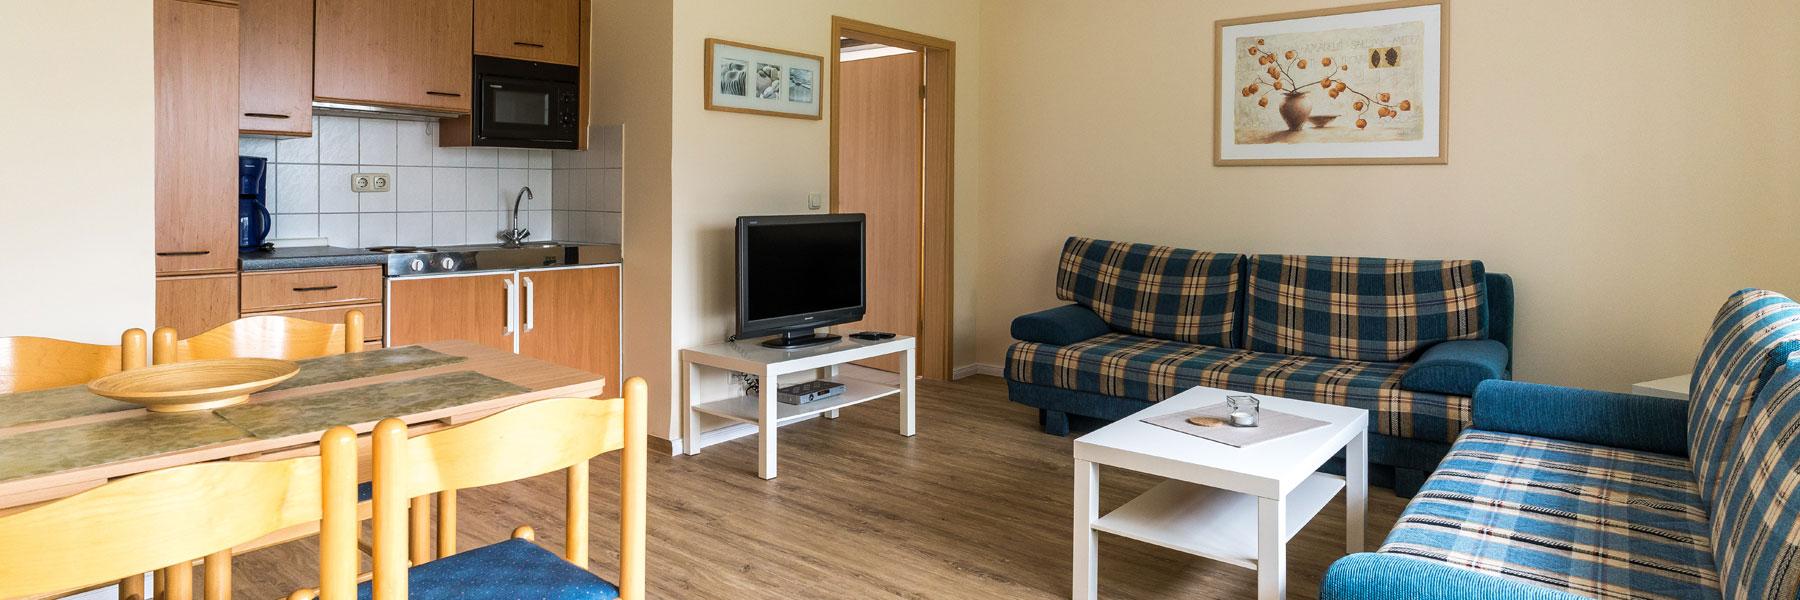 Ferienwohnung mit Küche und Couch - Gästehaus Bade